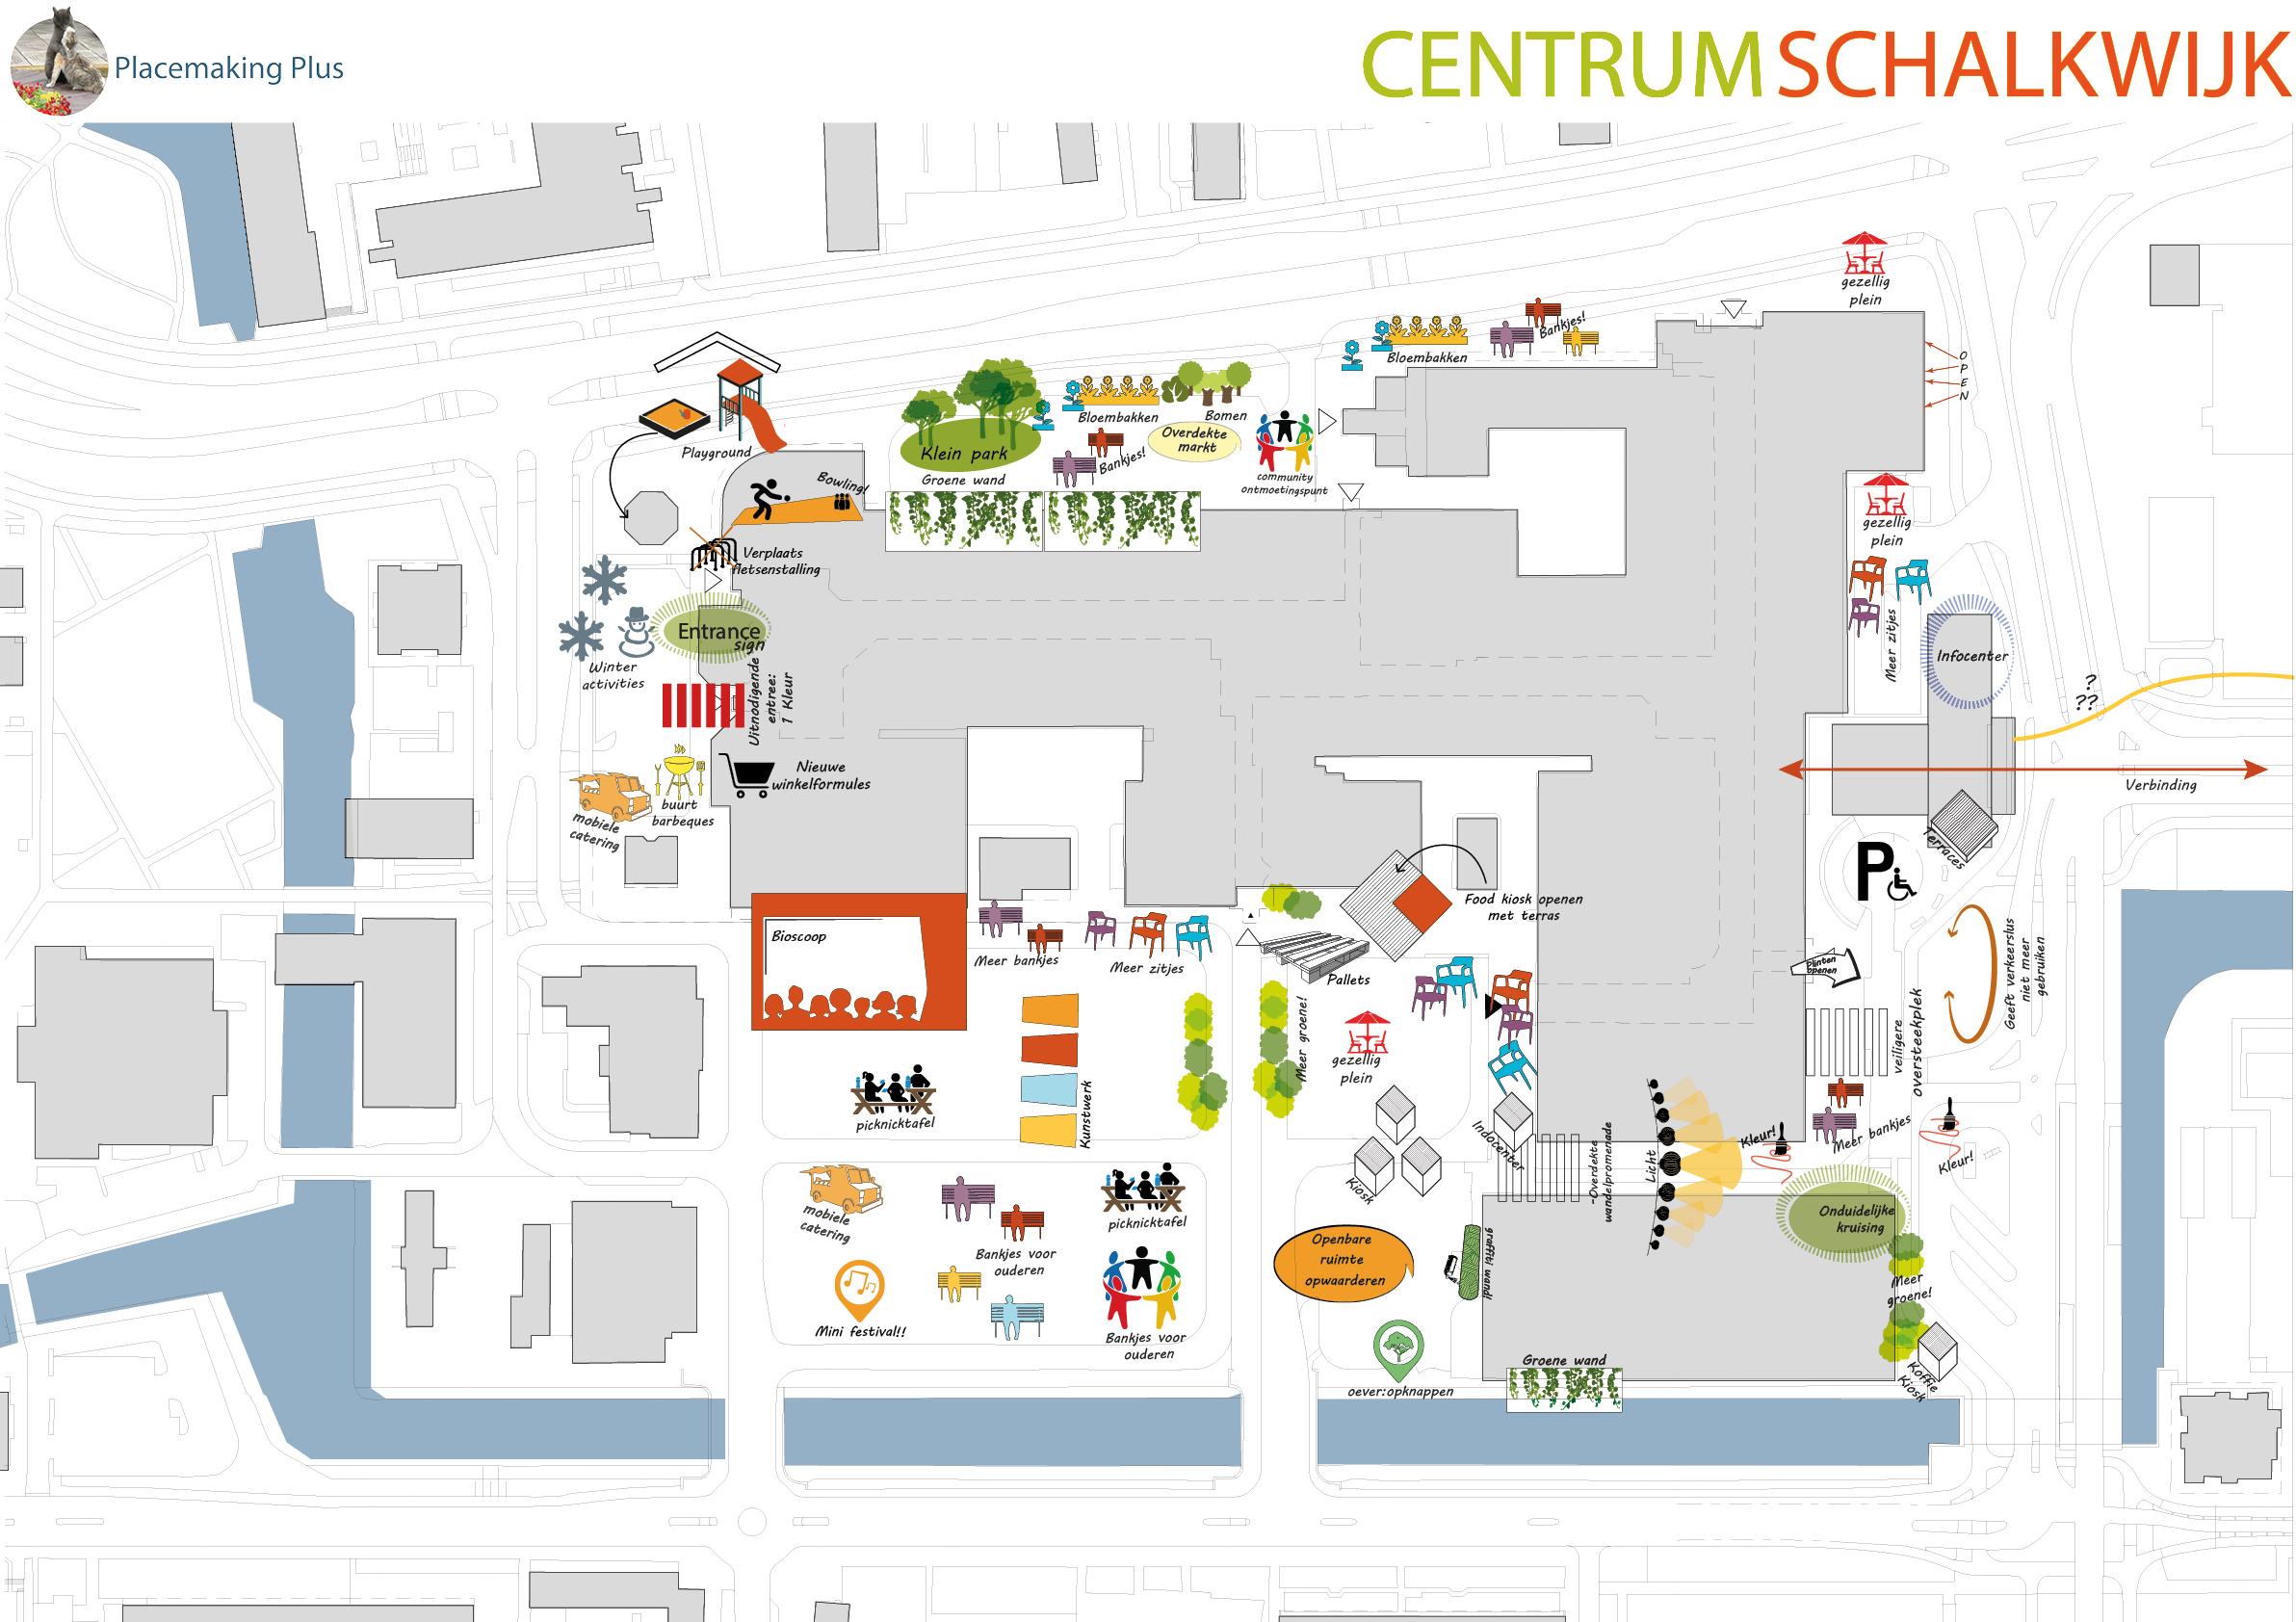 A1_Concept Map_Centrum Schalkwijk.jpg